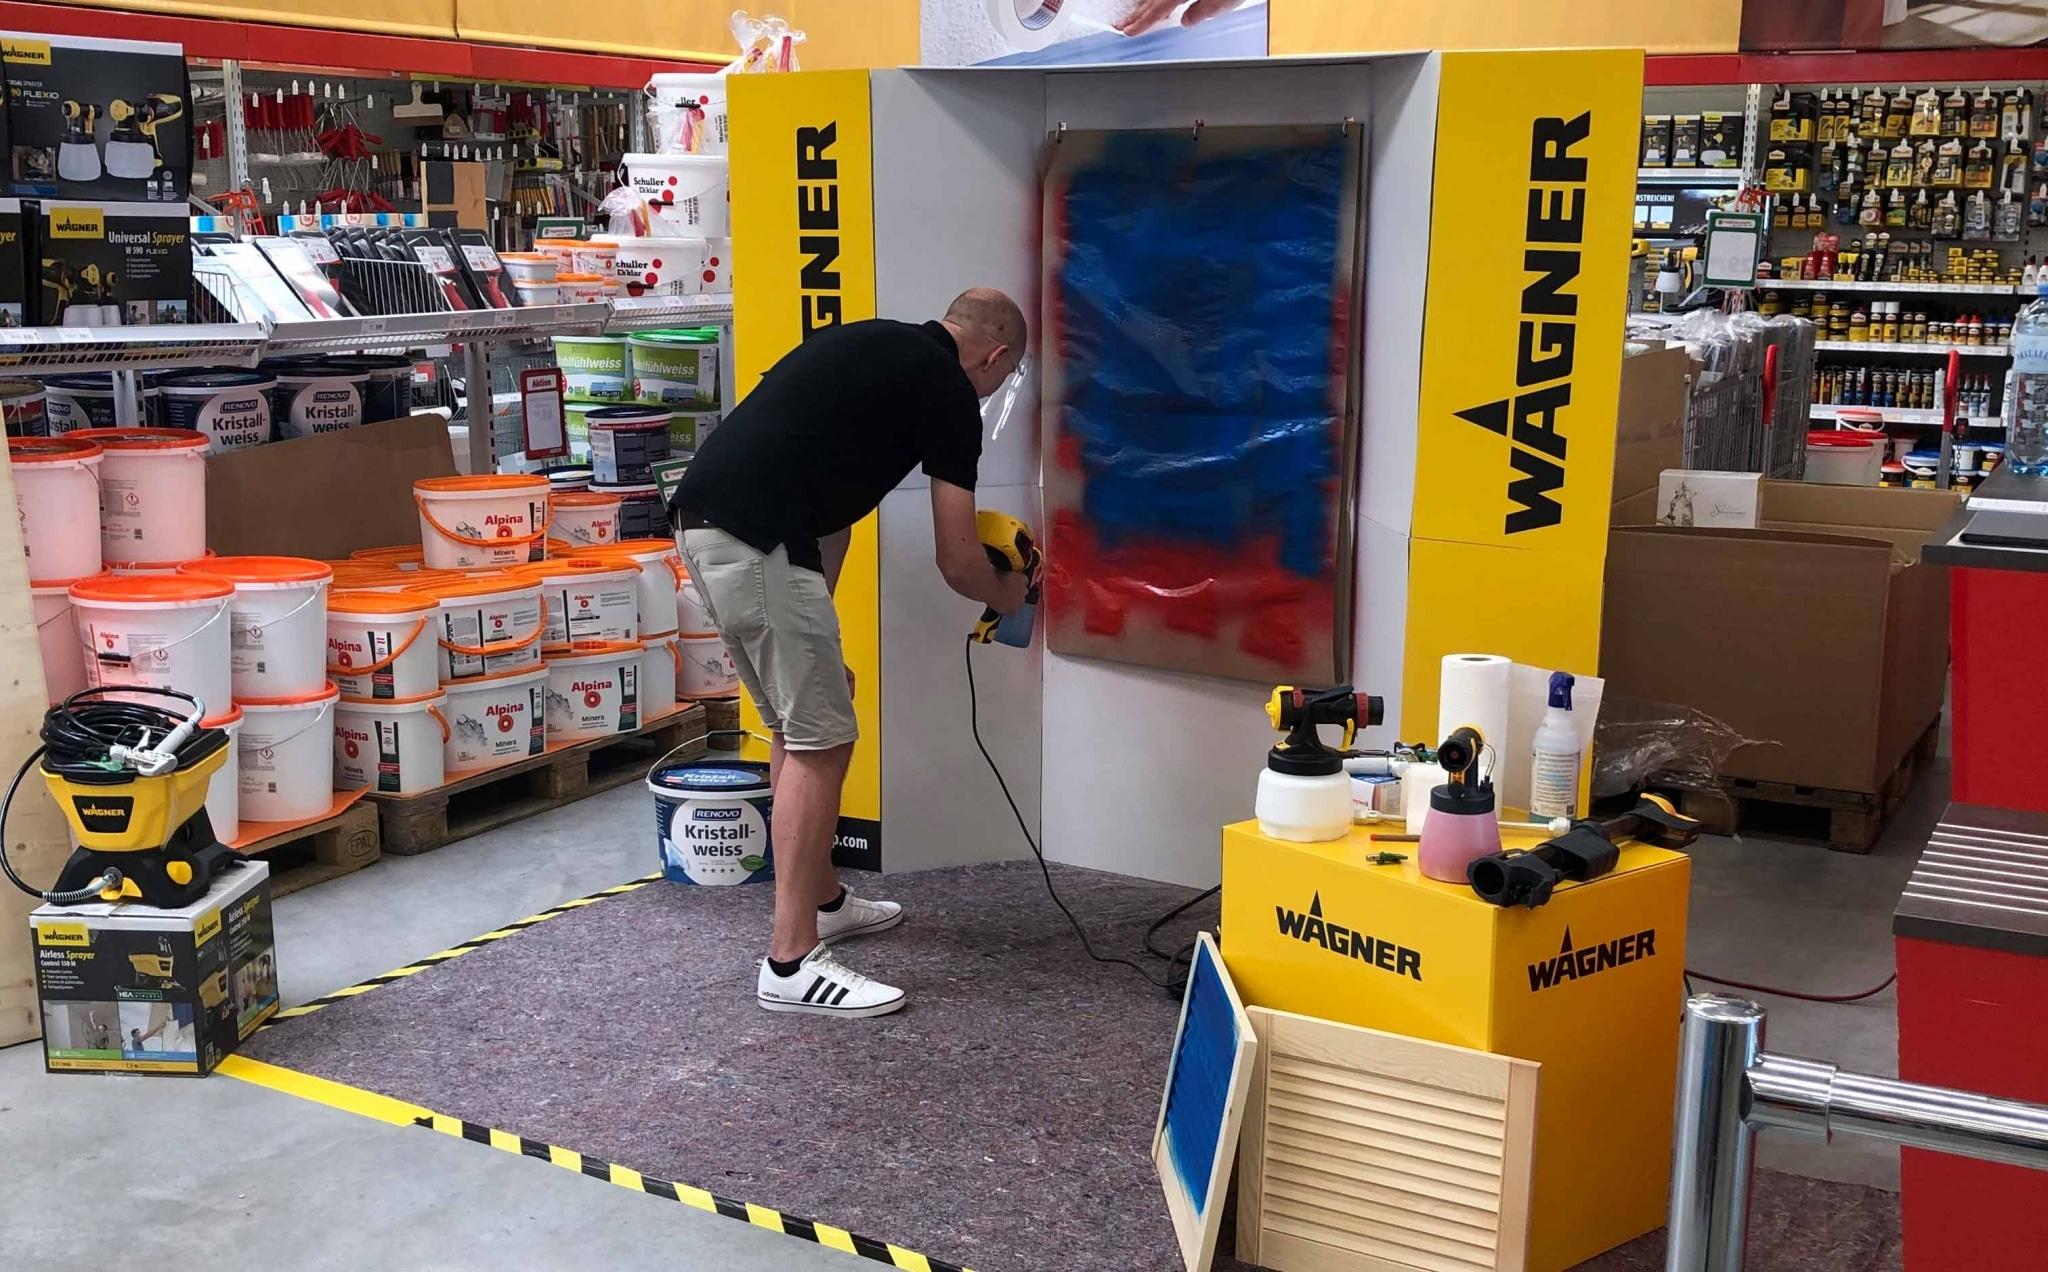 Ein Produkvorstellungs-Aufbau im hagebau Lieb Markt Feldbach mit einem Wagner Farbsprühsystem